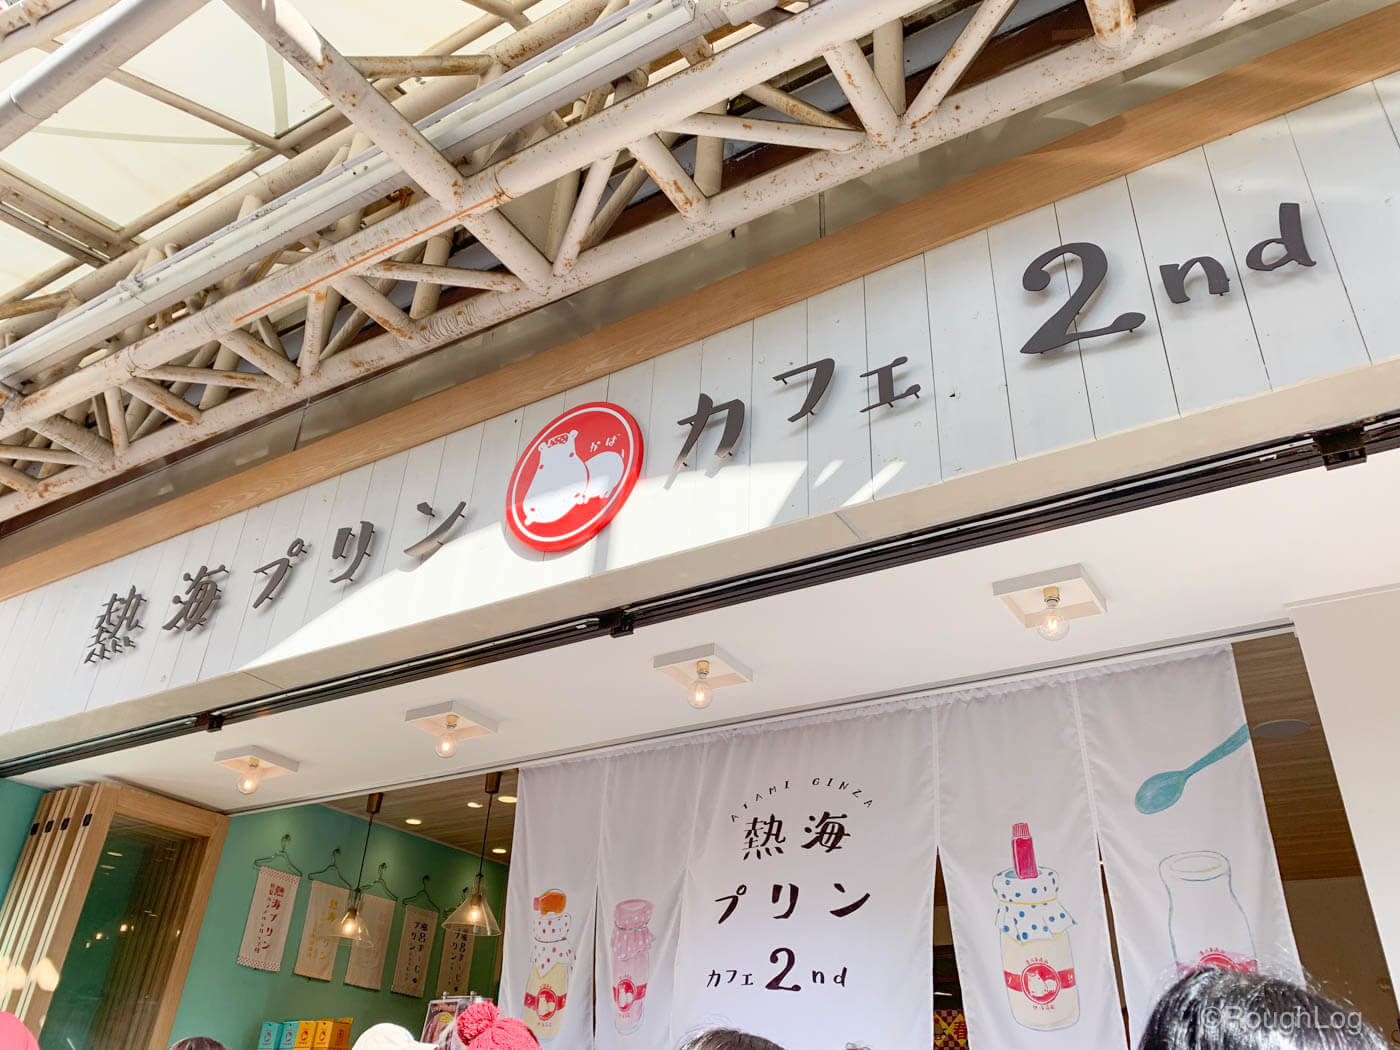 熱海プリンカフェ2nd(セカンド)